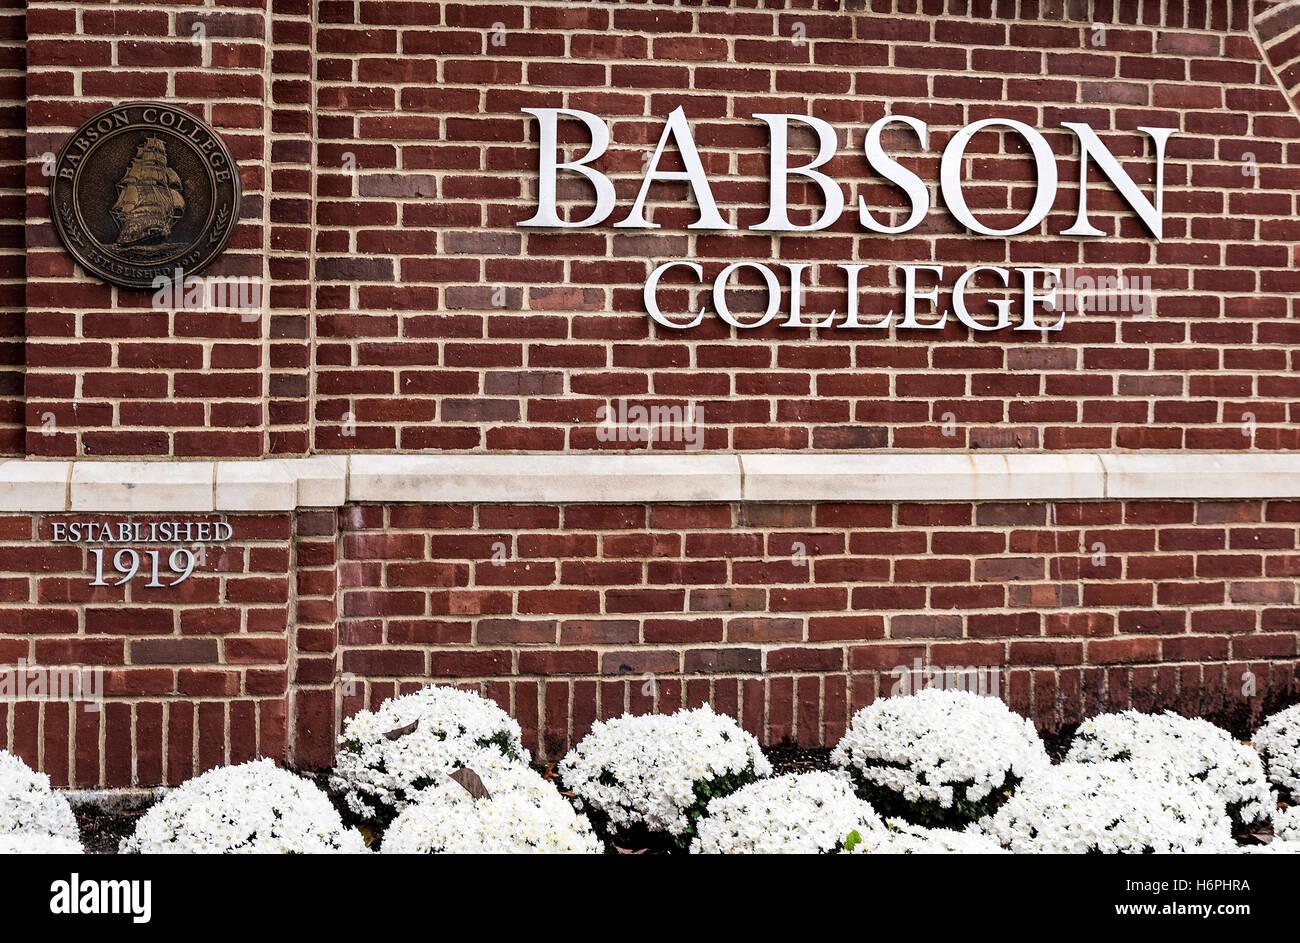 Babson College, Wellesley, Massachusetts, USA. - Stock Image